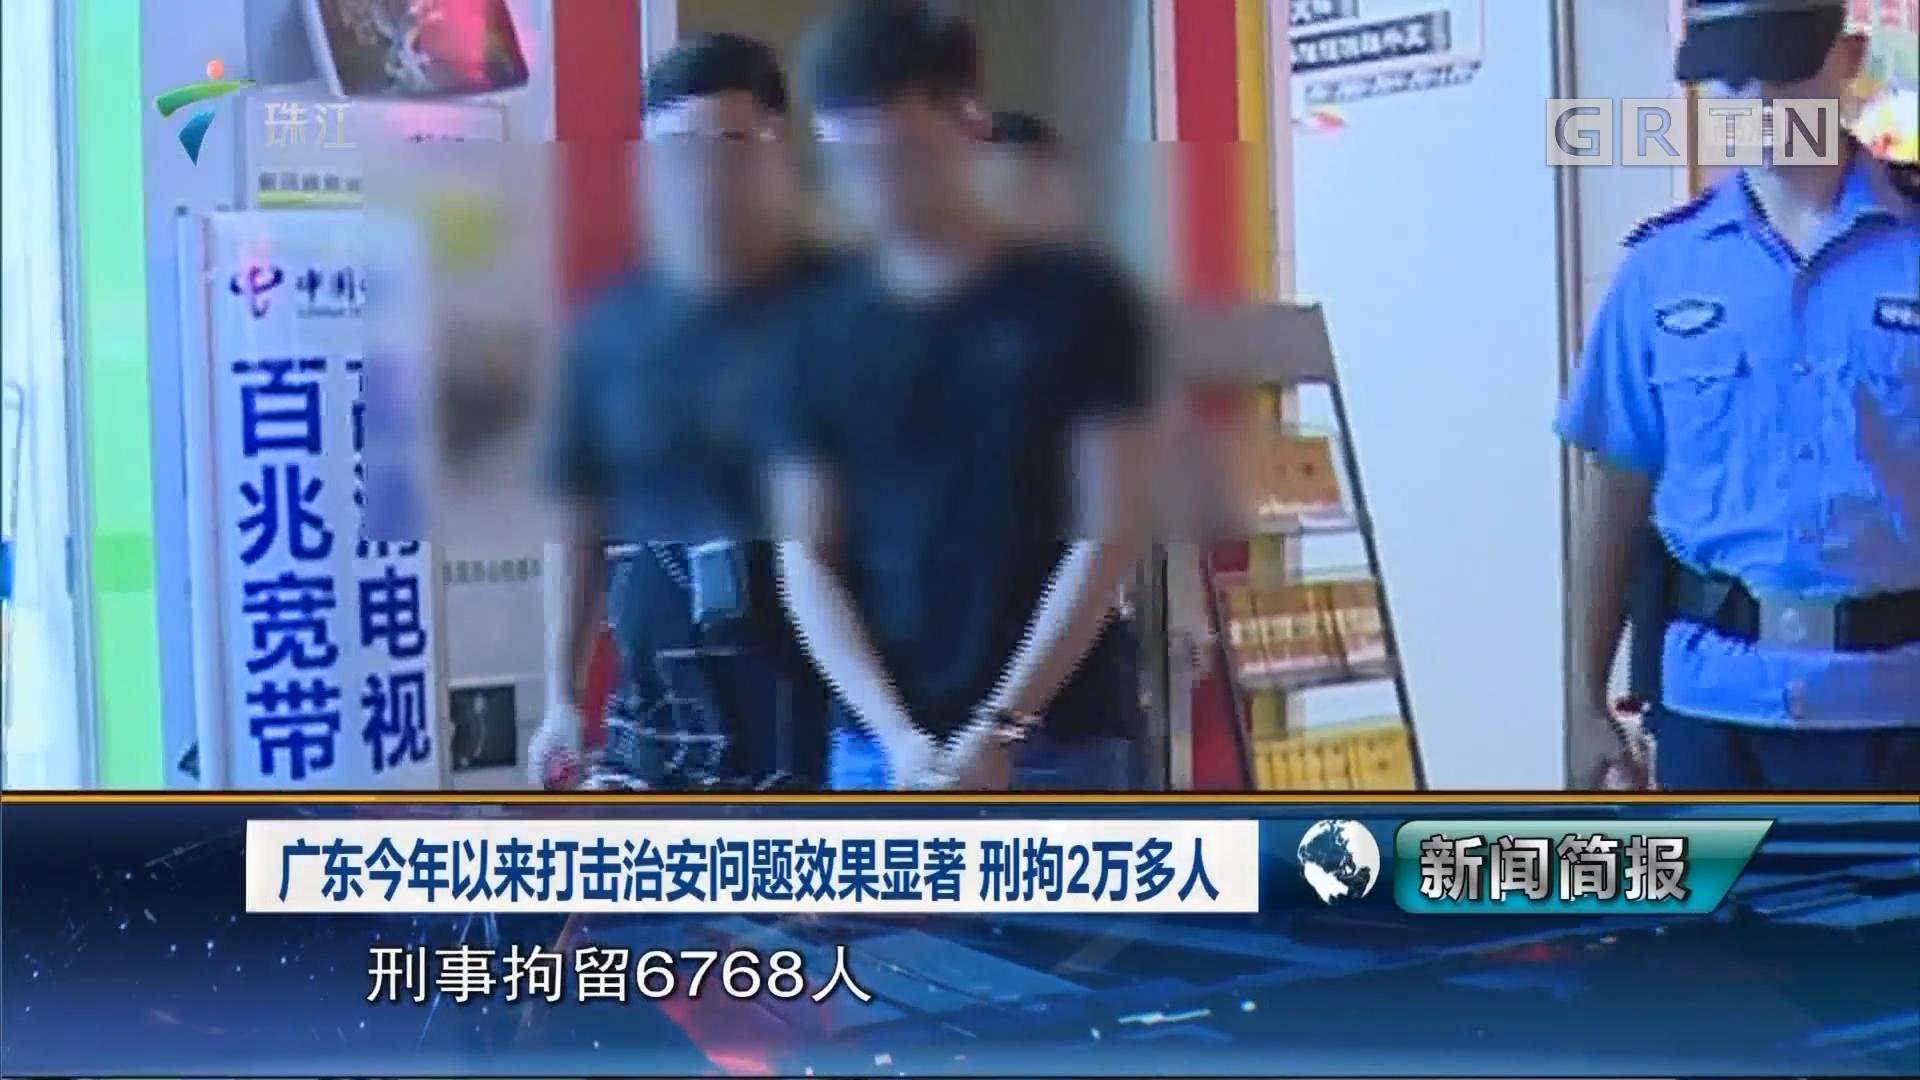 广东今年以来打击治安问题效果显著 刑拘2万多人